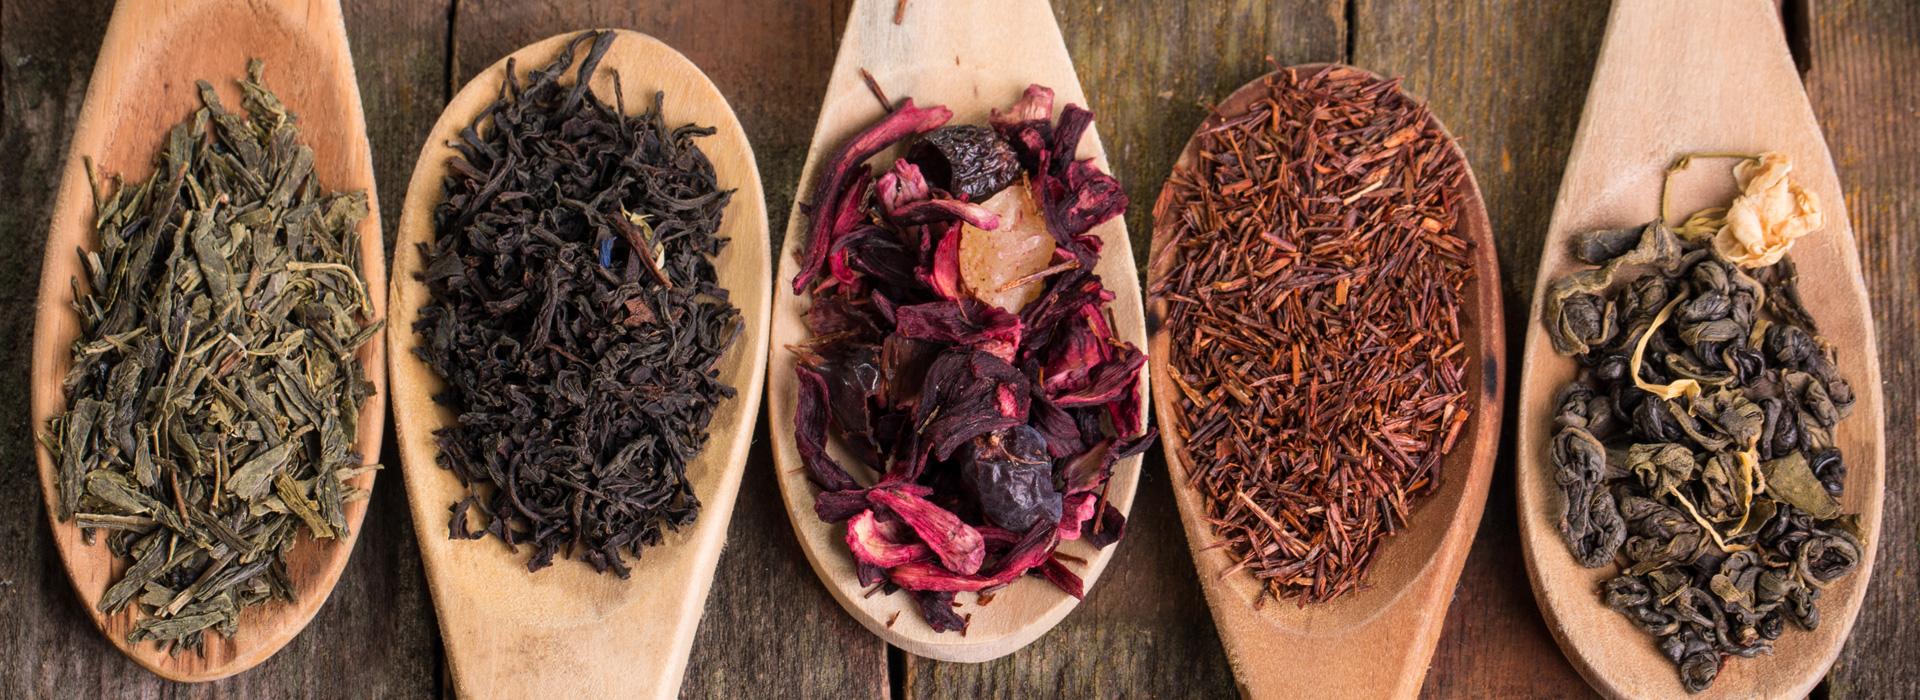 انواع چای فروشگاه چای شمال